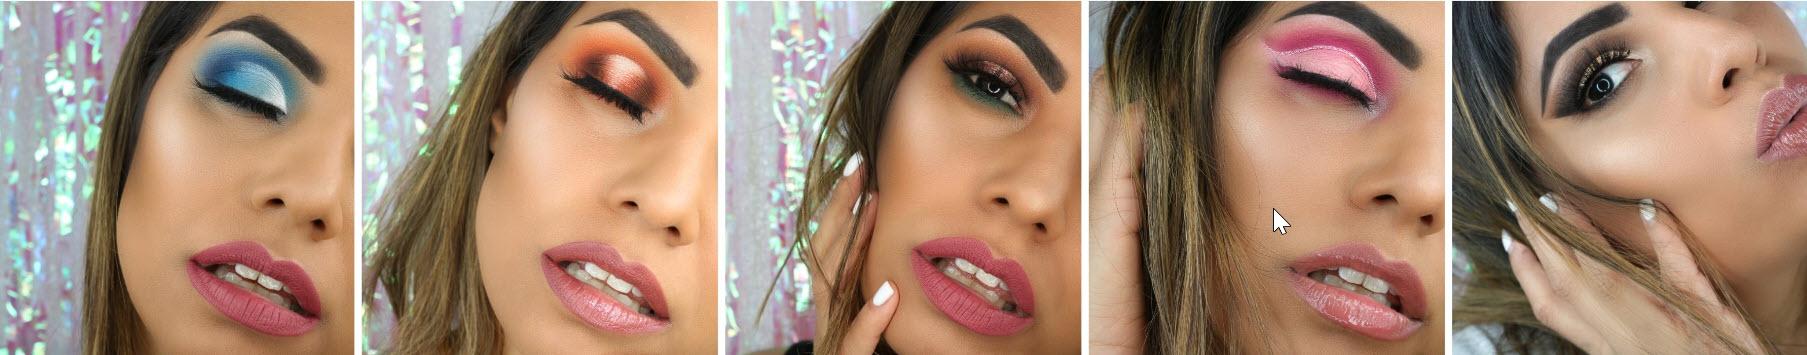 Vanessa Beauty LASH NOE 3D Mink